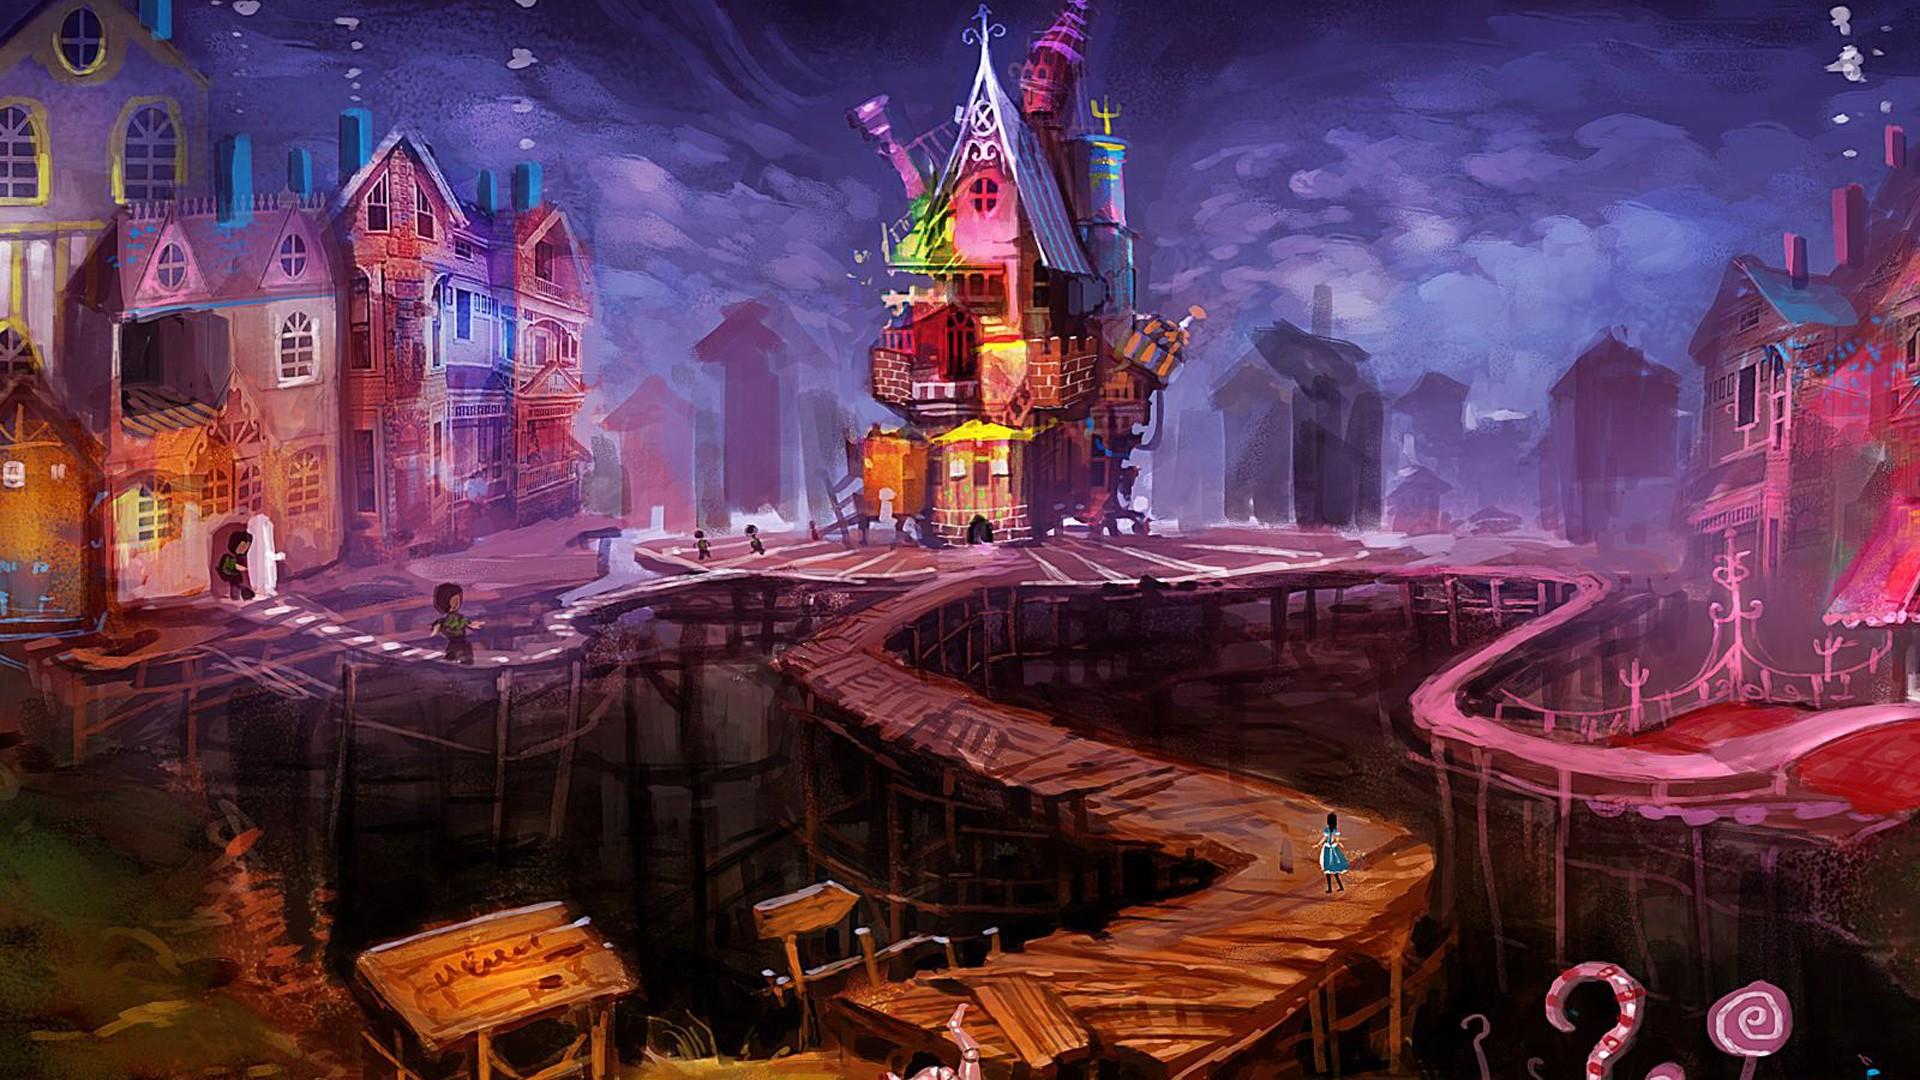 デスクトップ壁紙 都市景観 不思議の国のアリス 大都市 真夜中